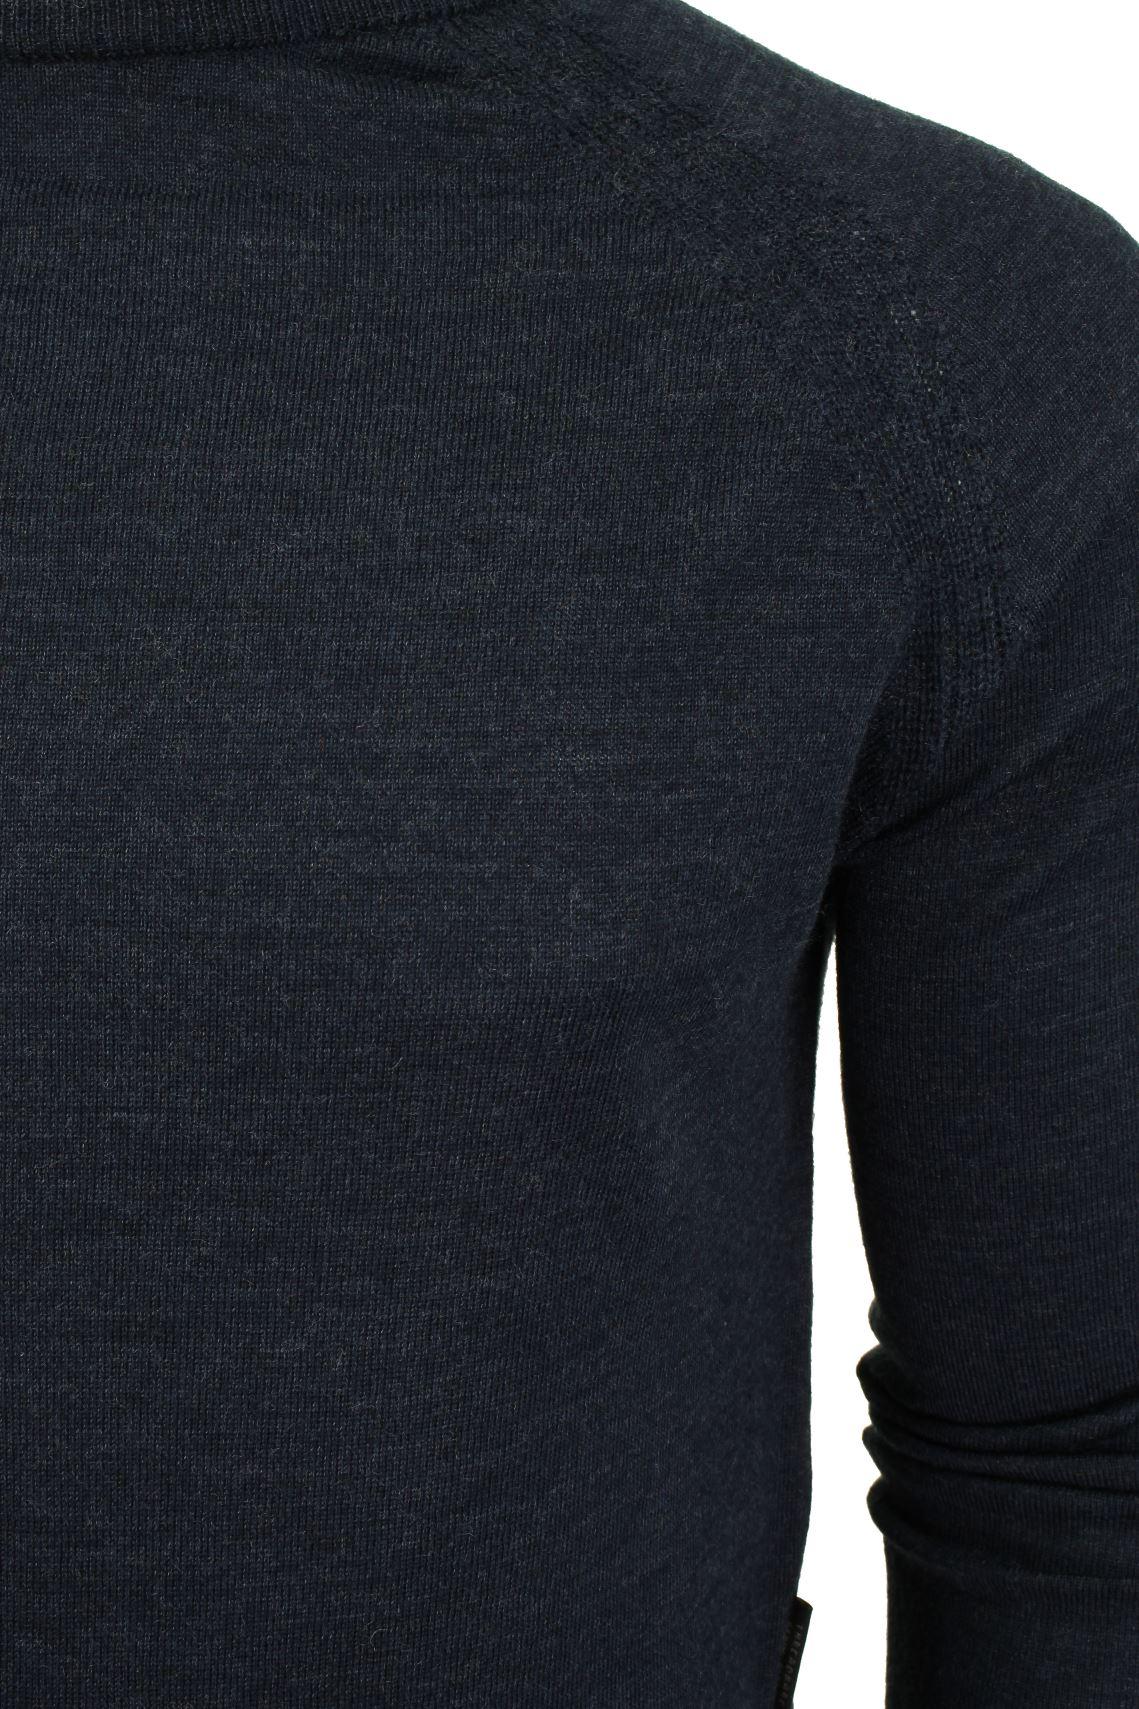 Jersey-para-hombre-ligero-100-lana-por-desgastado-034-Troya-034-Cuello-Redondo miniatura 4